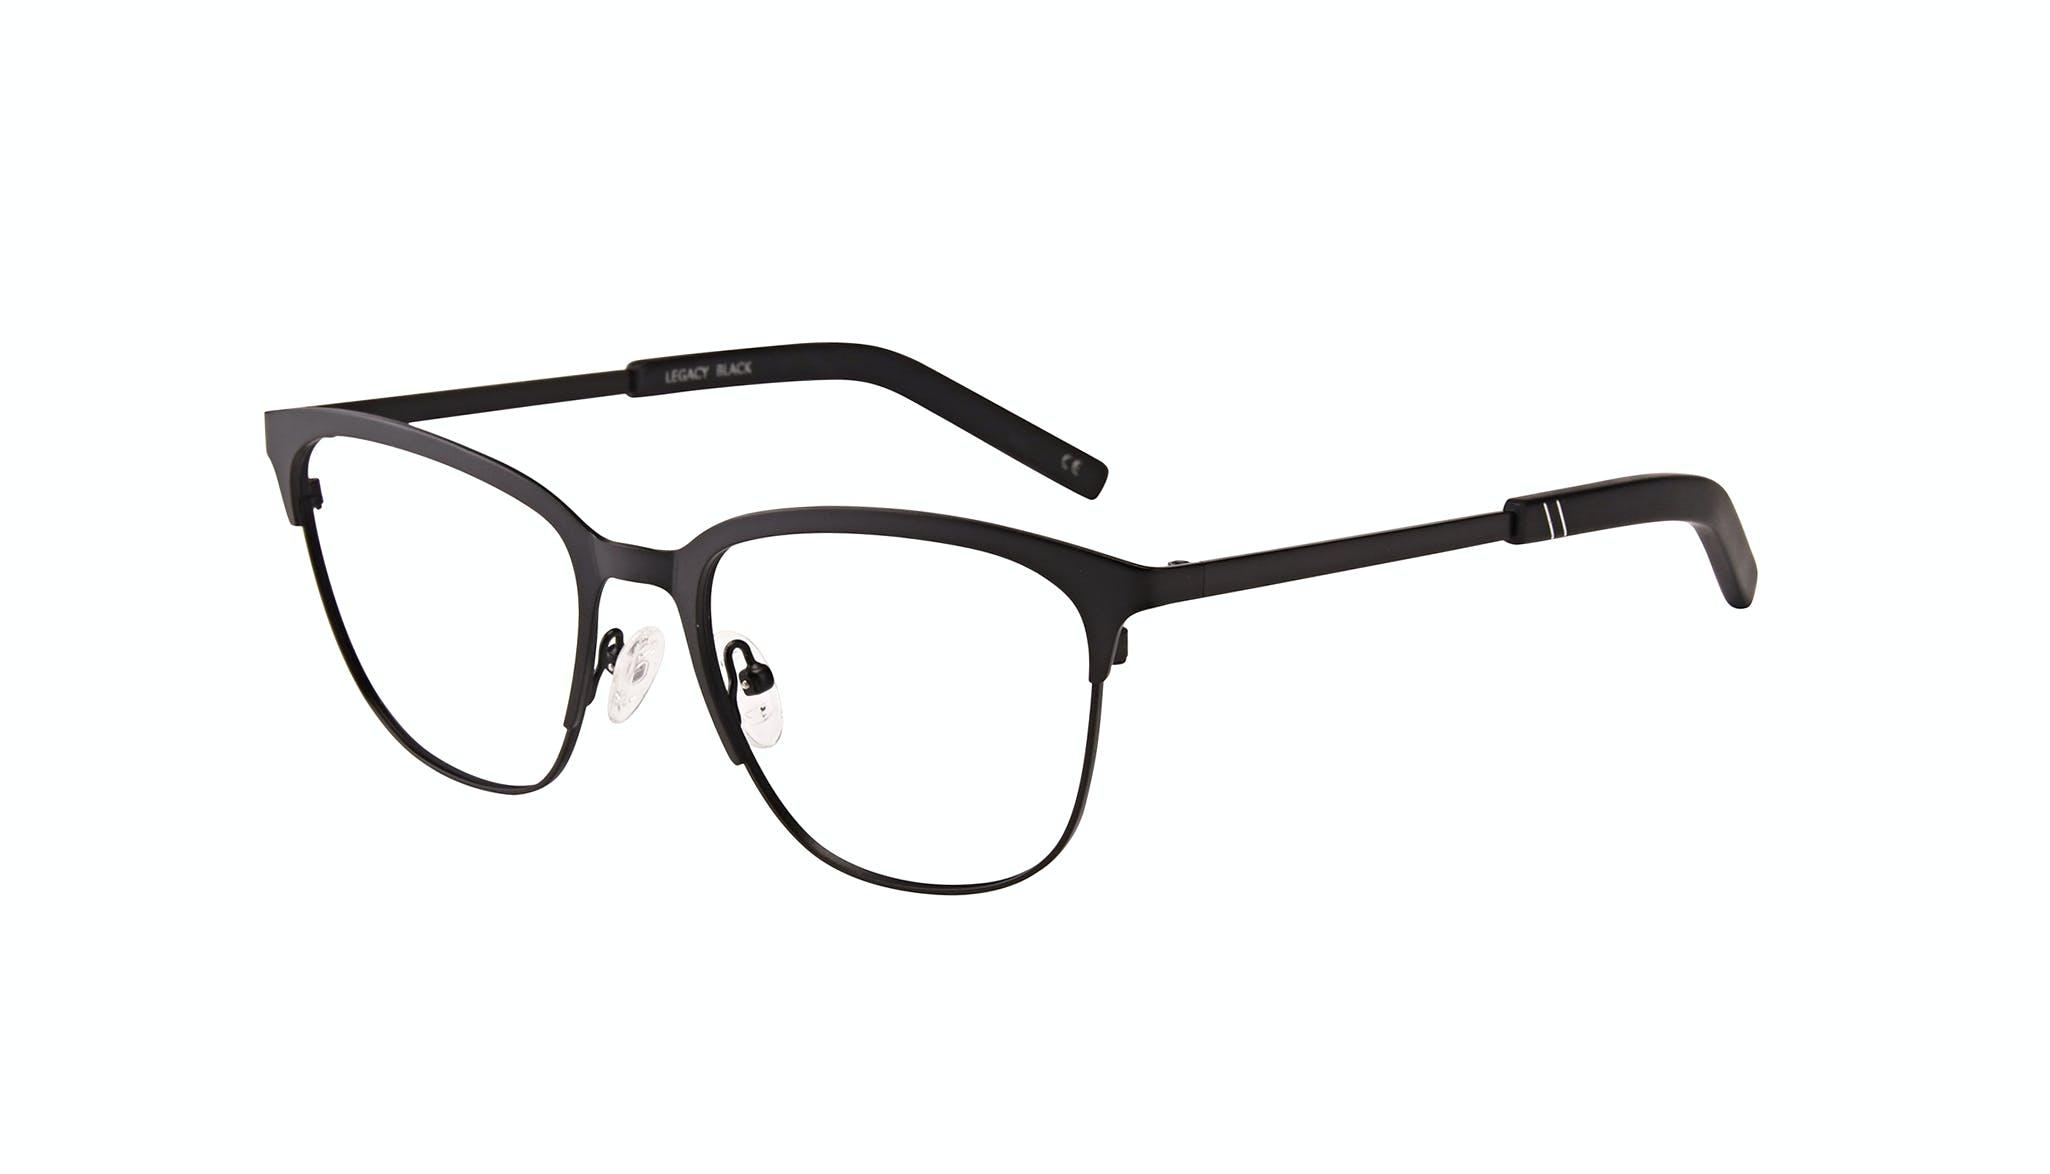 Affordable Fashion Glasses Rectangle Eyeglasses Men Legacy Black Tilt